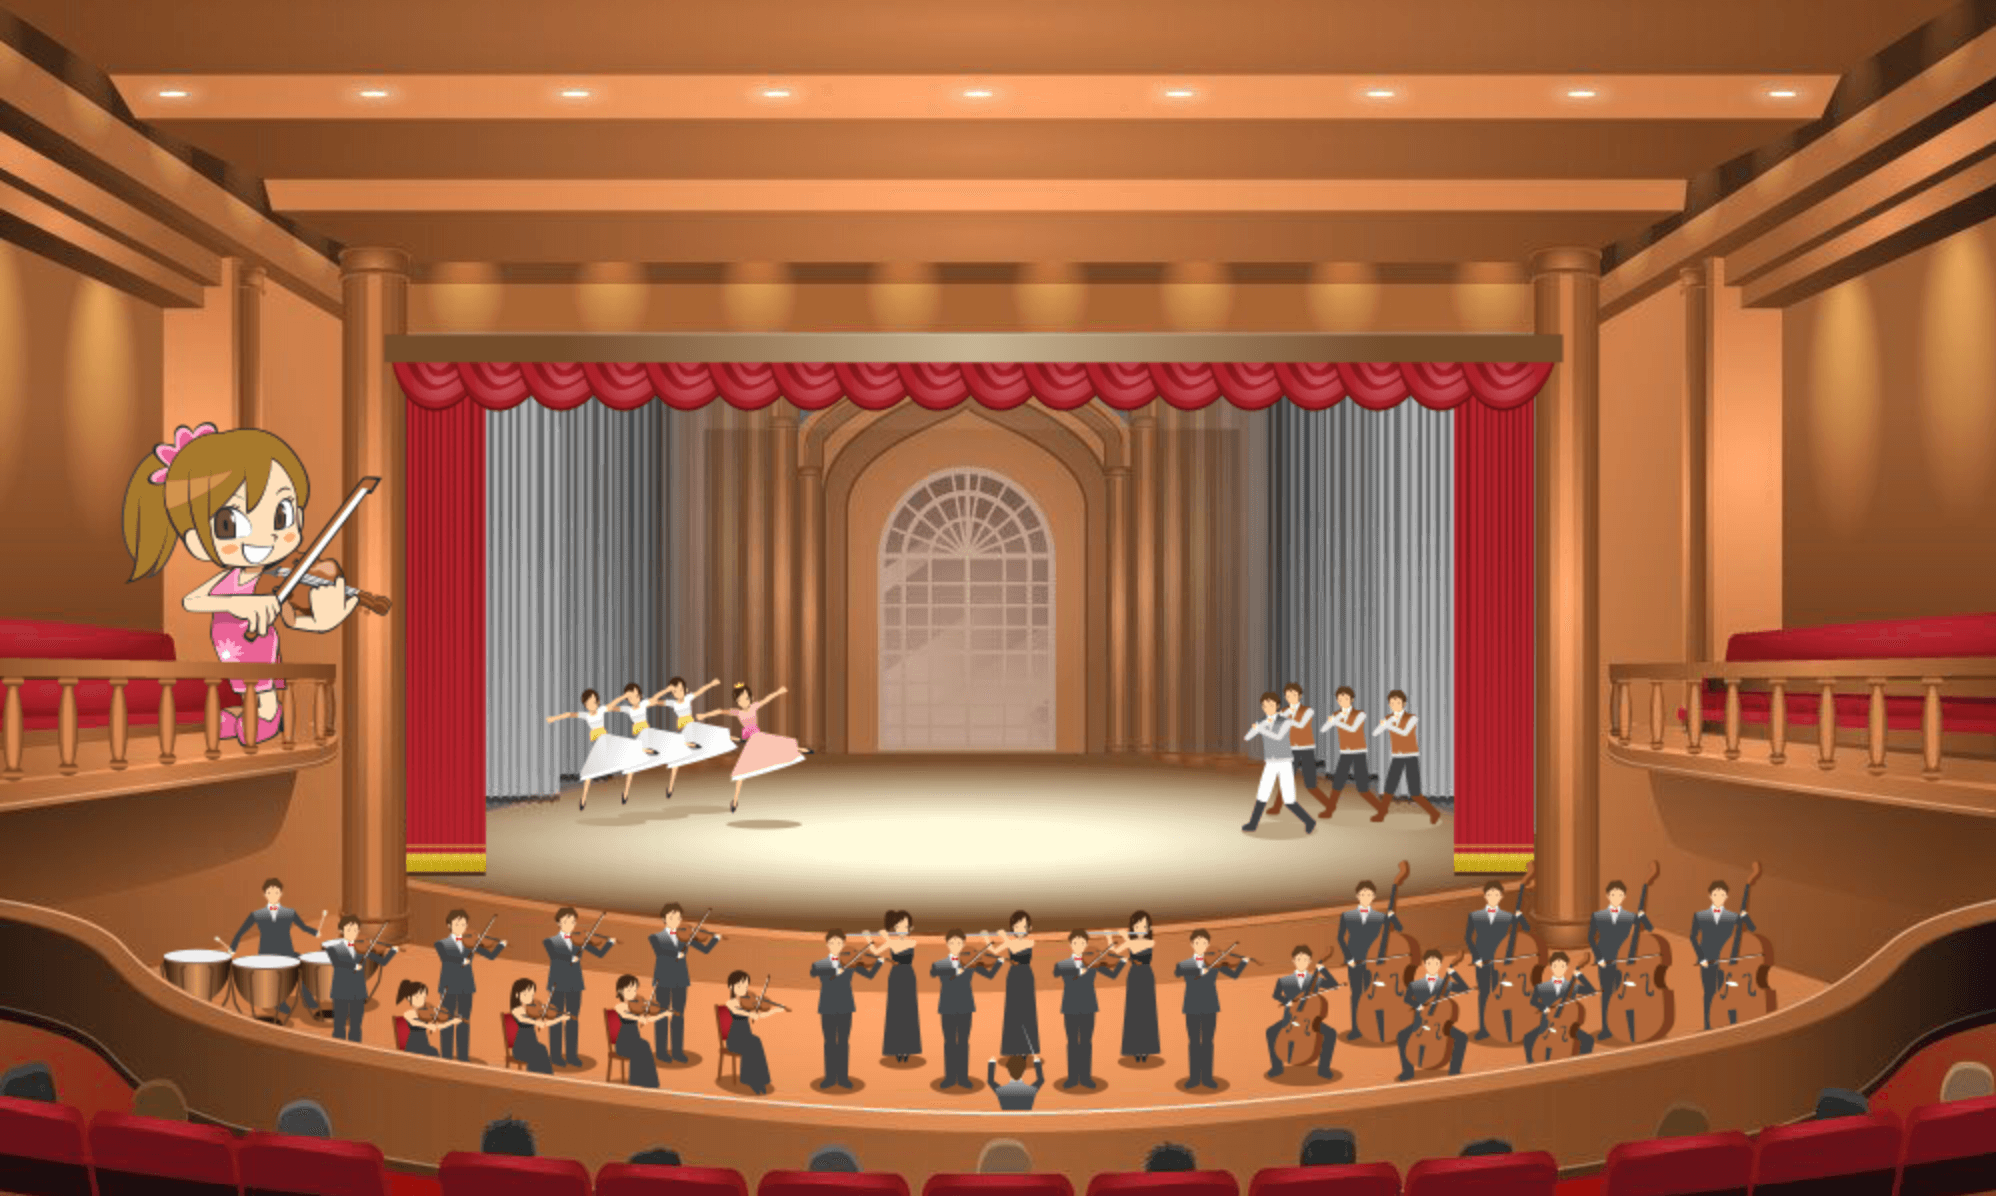 エンタメール】全国の劇場・ホール・会館を探す